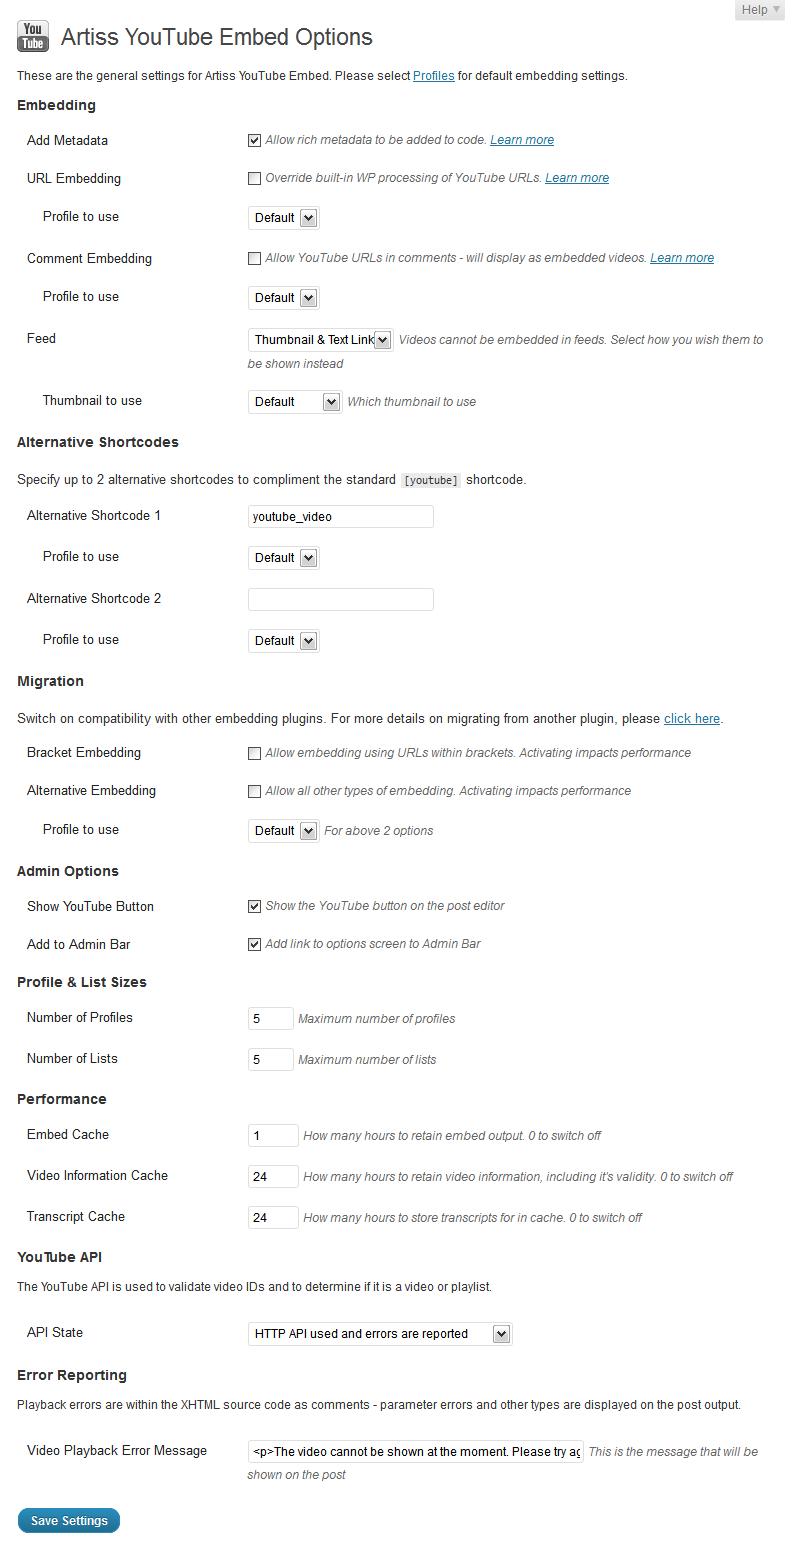 Artiss YouTube Embed - удобный плагин для работы с видео